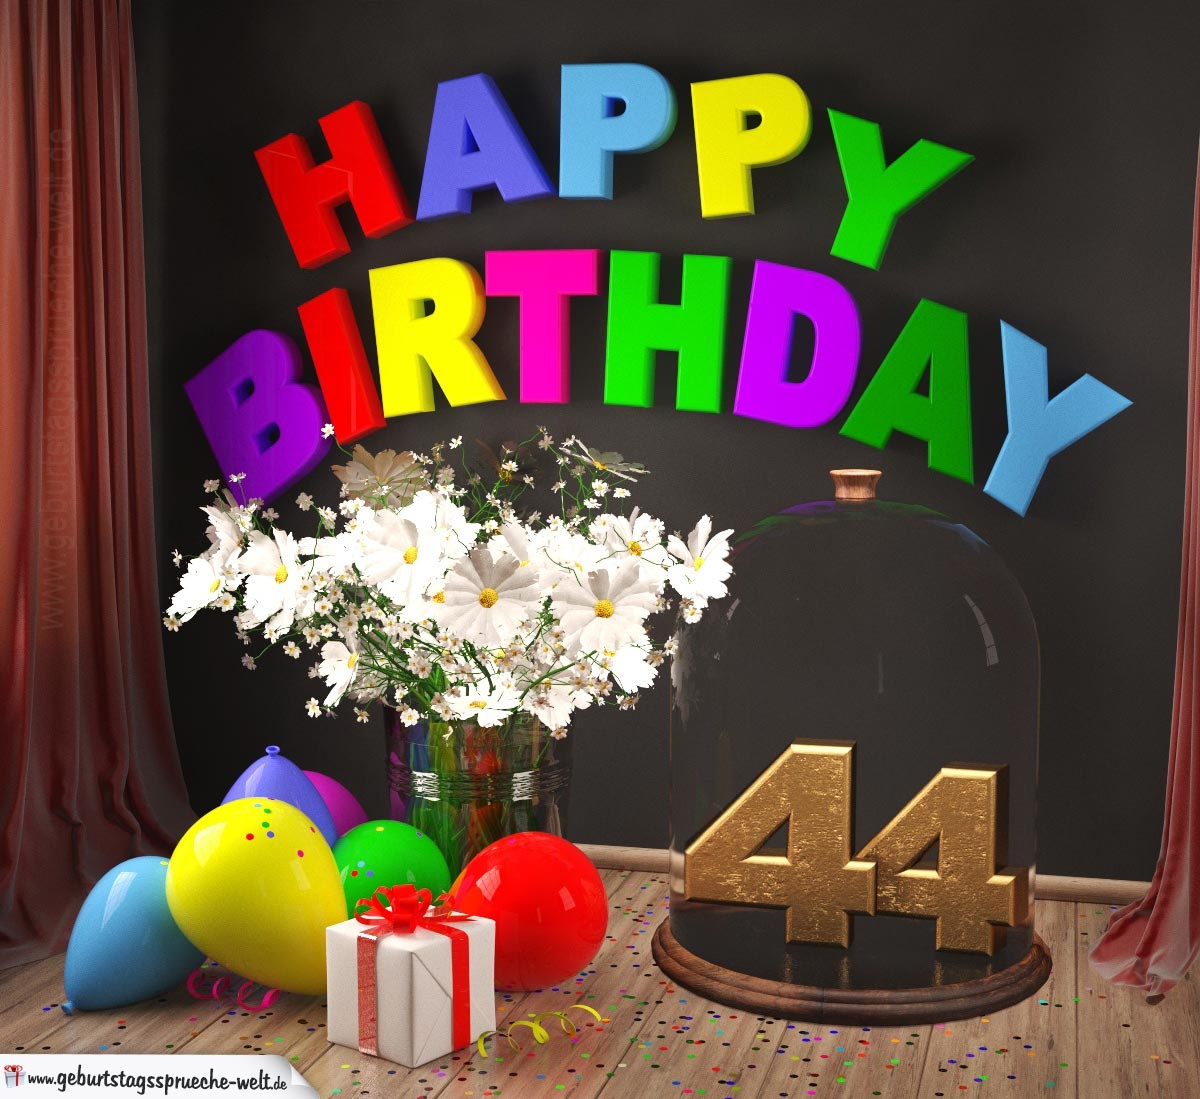 Happy Birthday 44 Jahre Glückwunschkarte mit Margeriten-Blumenstrauß, Luftballons und Geschenk unter Glasglocke